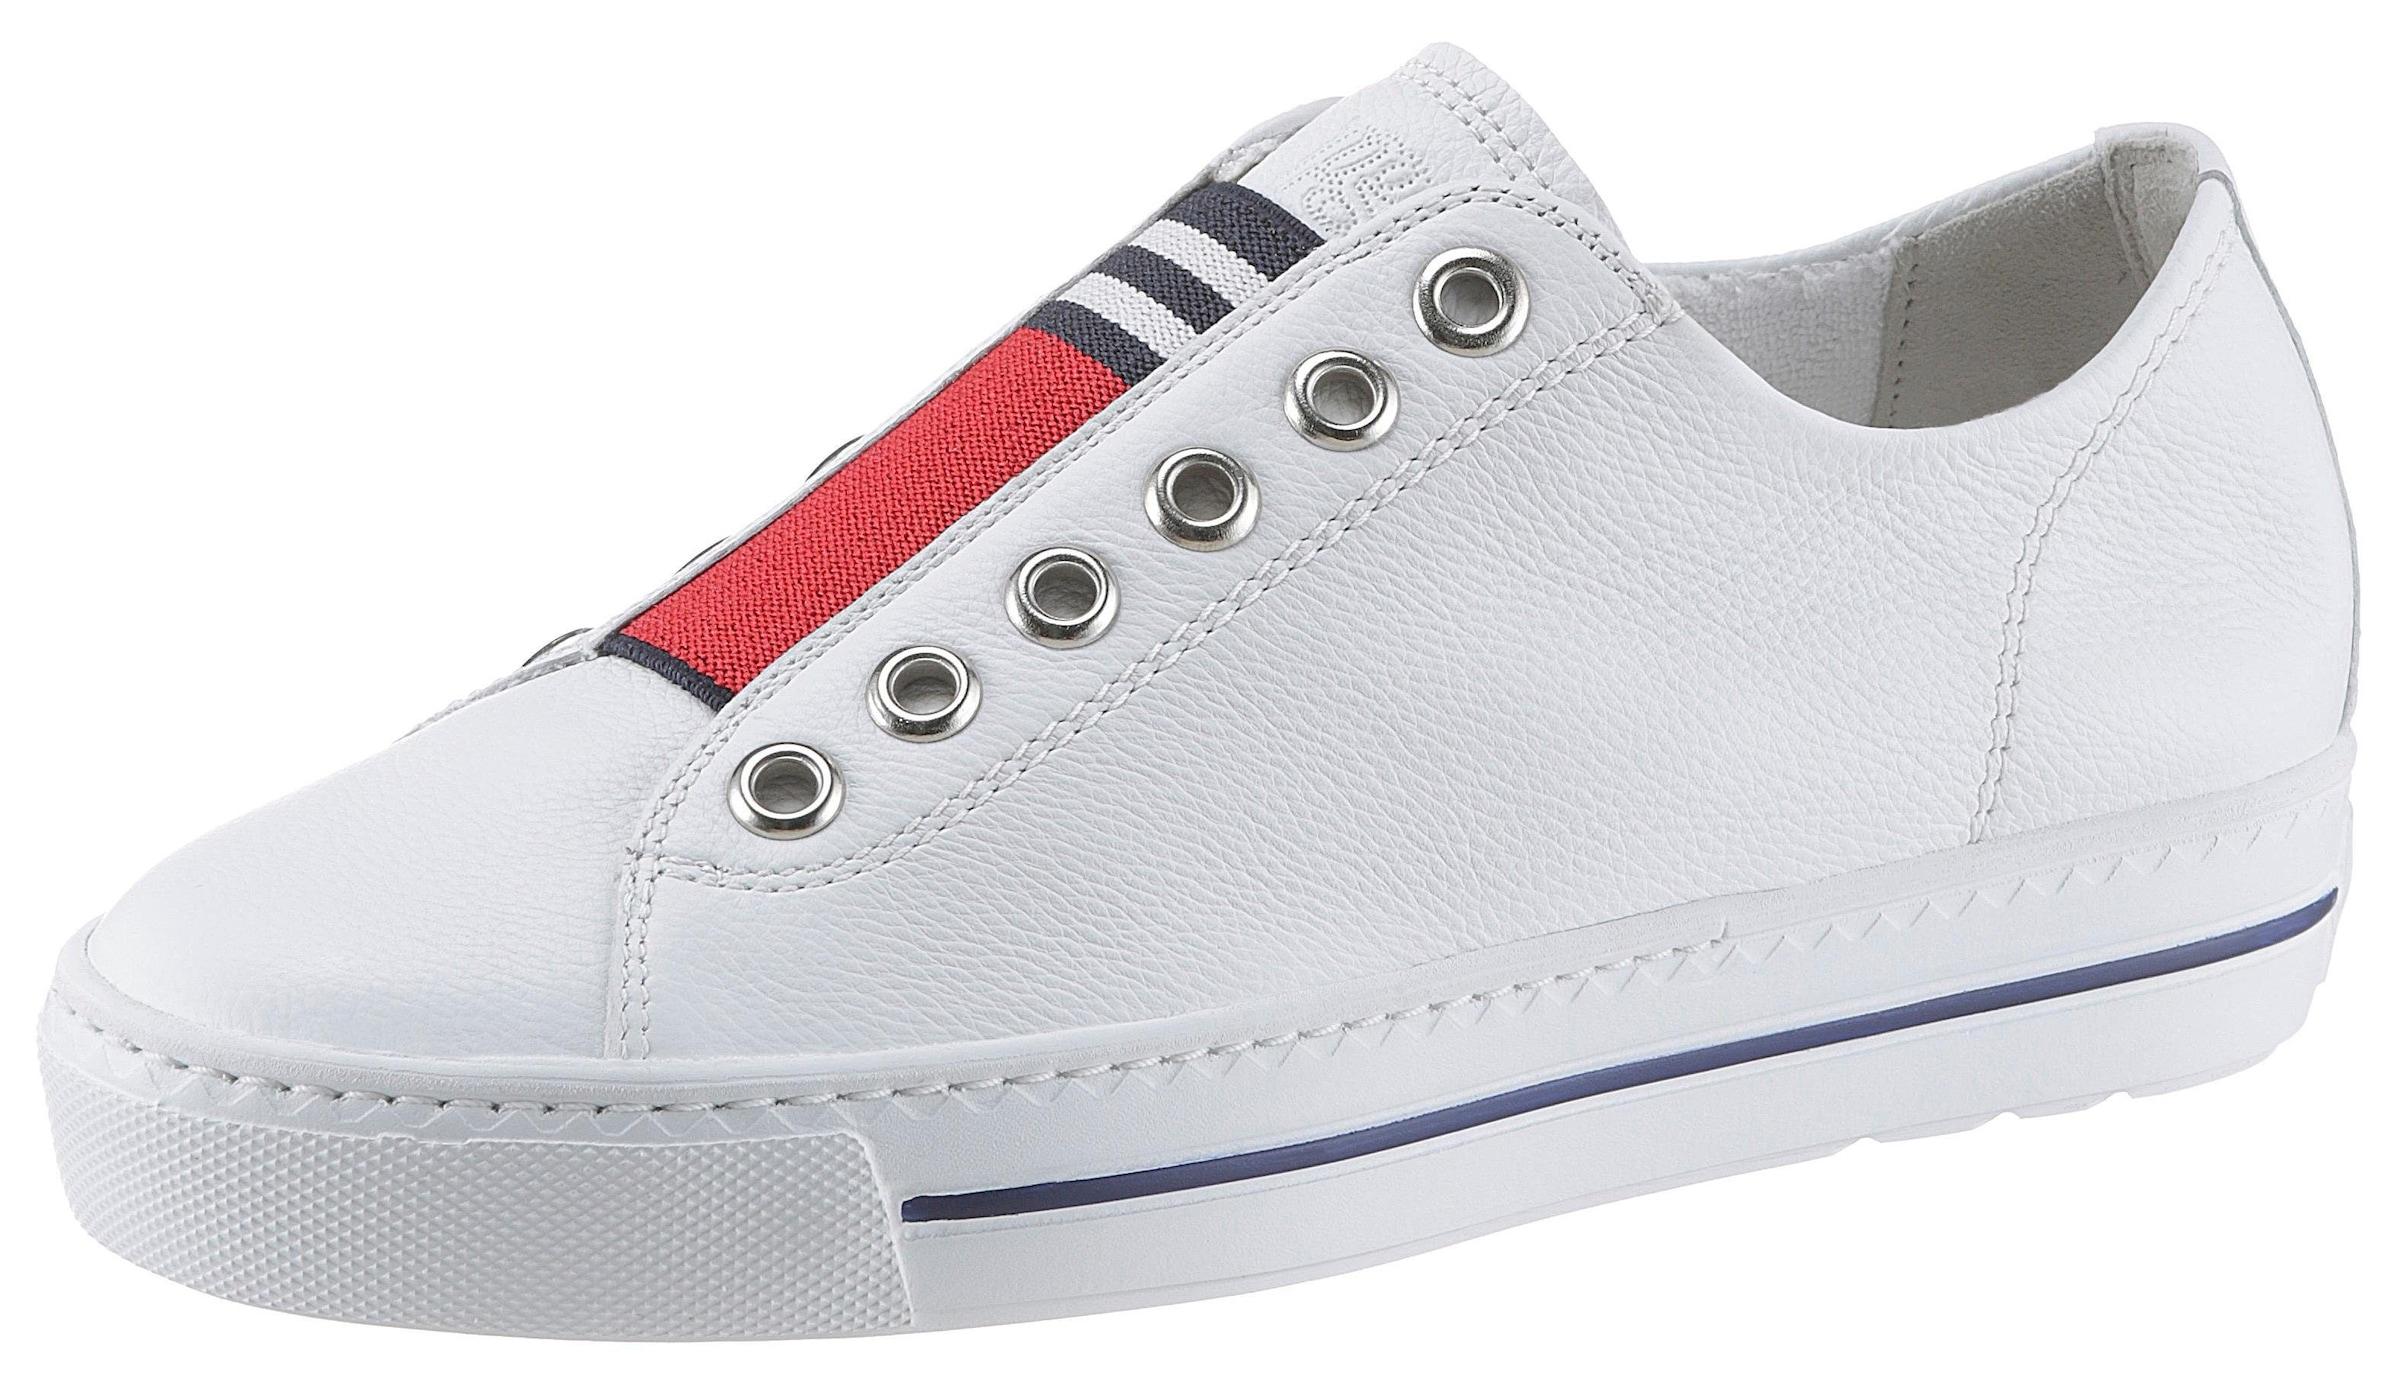 Schuhe » Damen Sneaker online kaufen | Damenmode